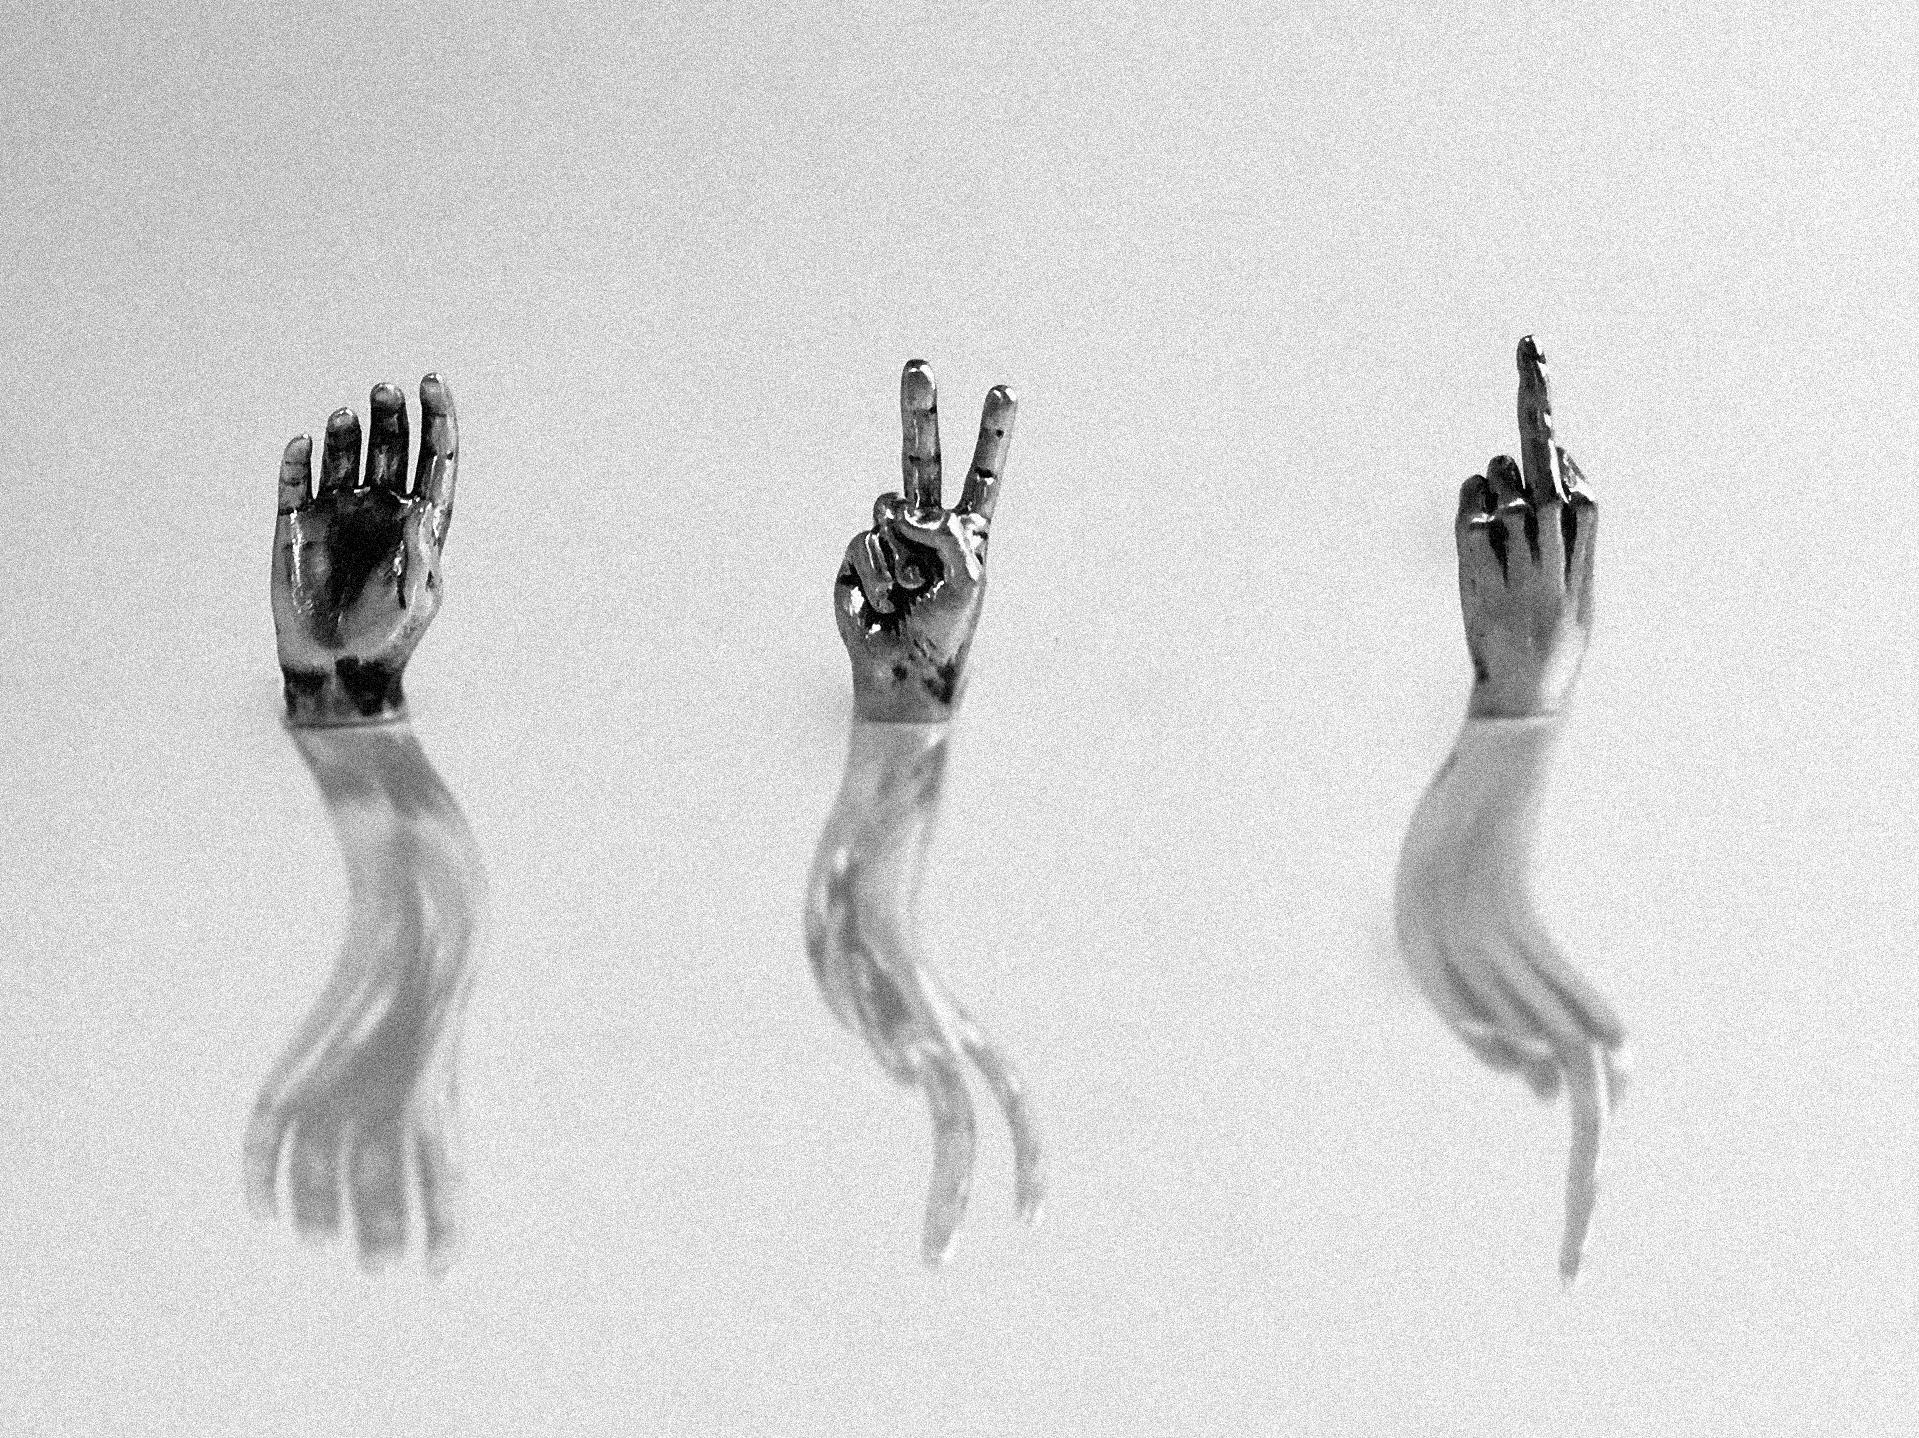 Hands, 2018